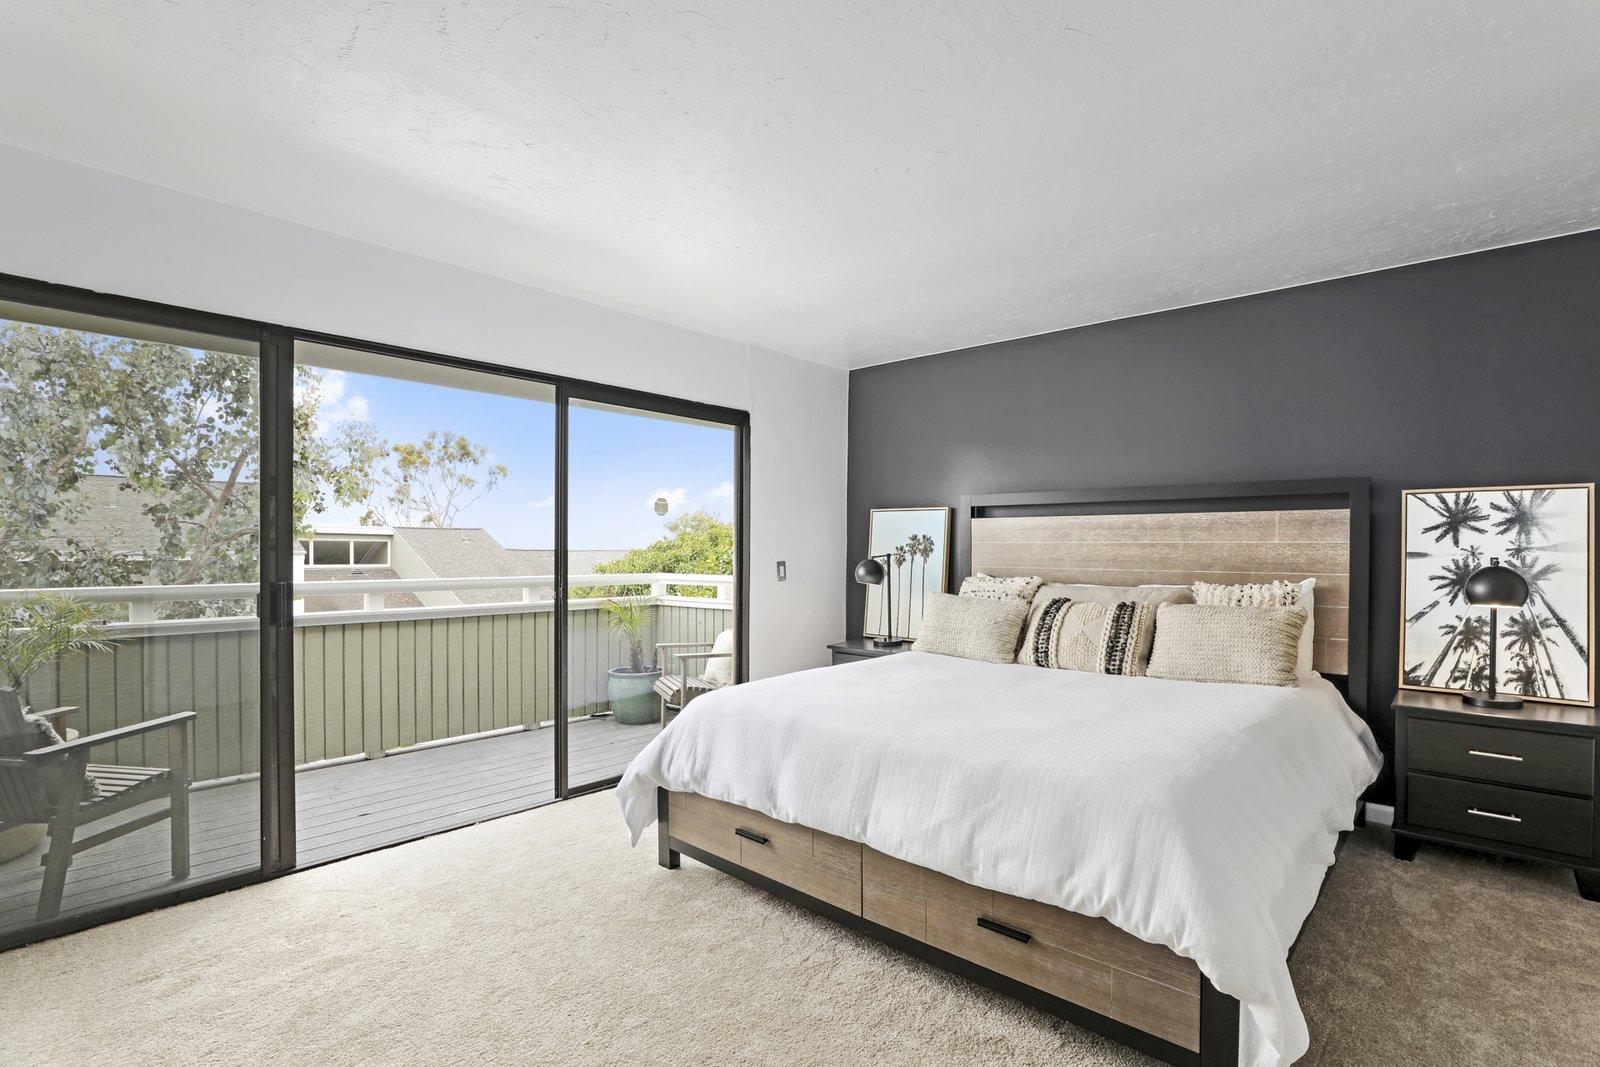 Bedroom  Best Photos from Newport Crest HAUS